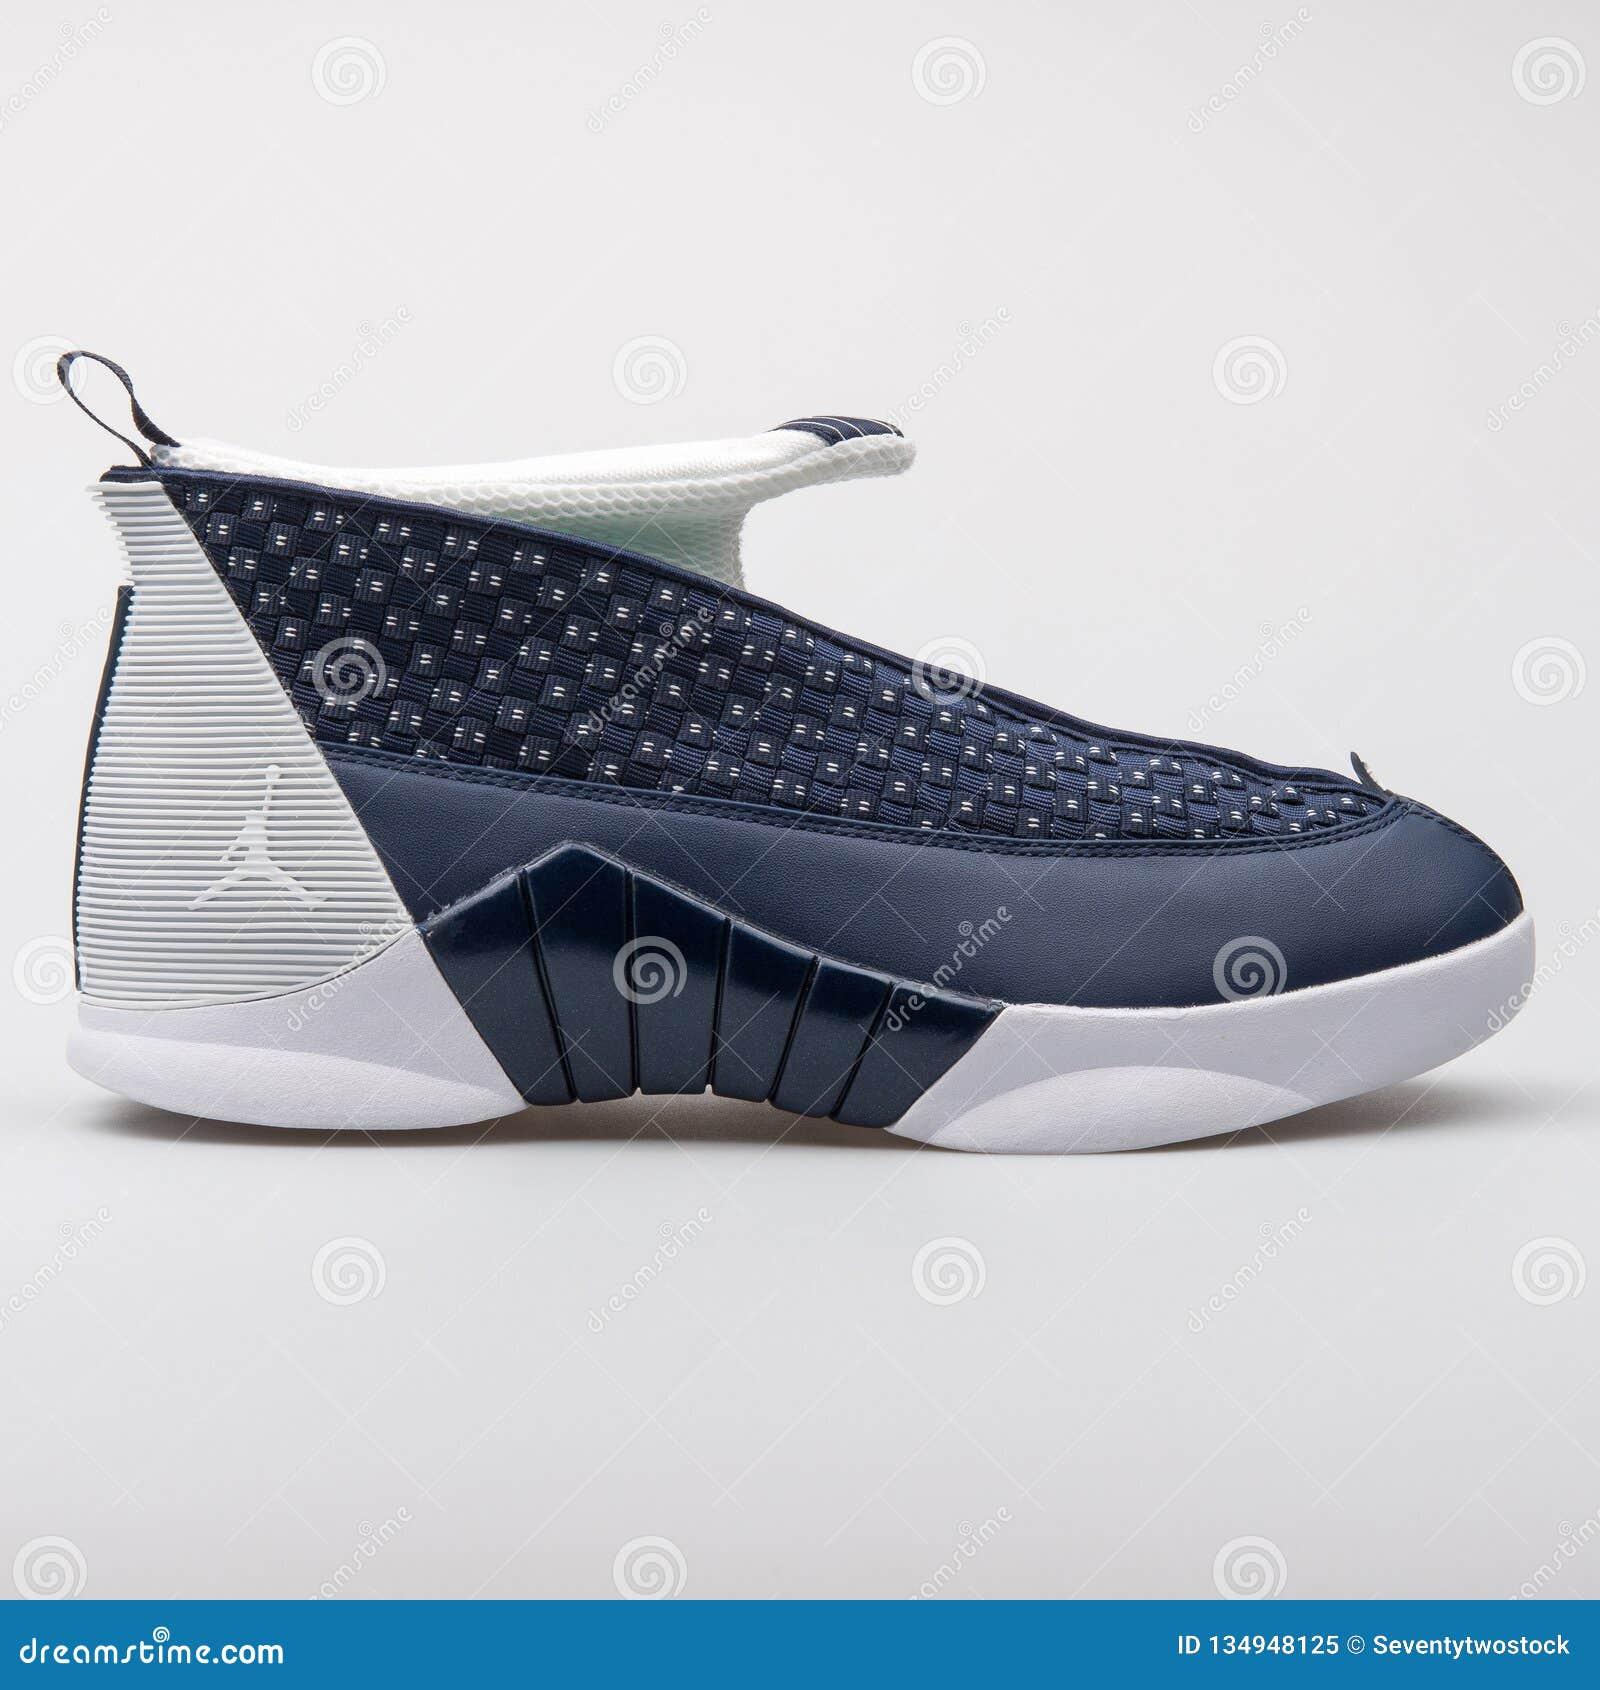 newest f816c 89f45 Nike Air Jordan 15 Retro Sneaker Editorial Image - Image of ...